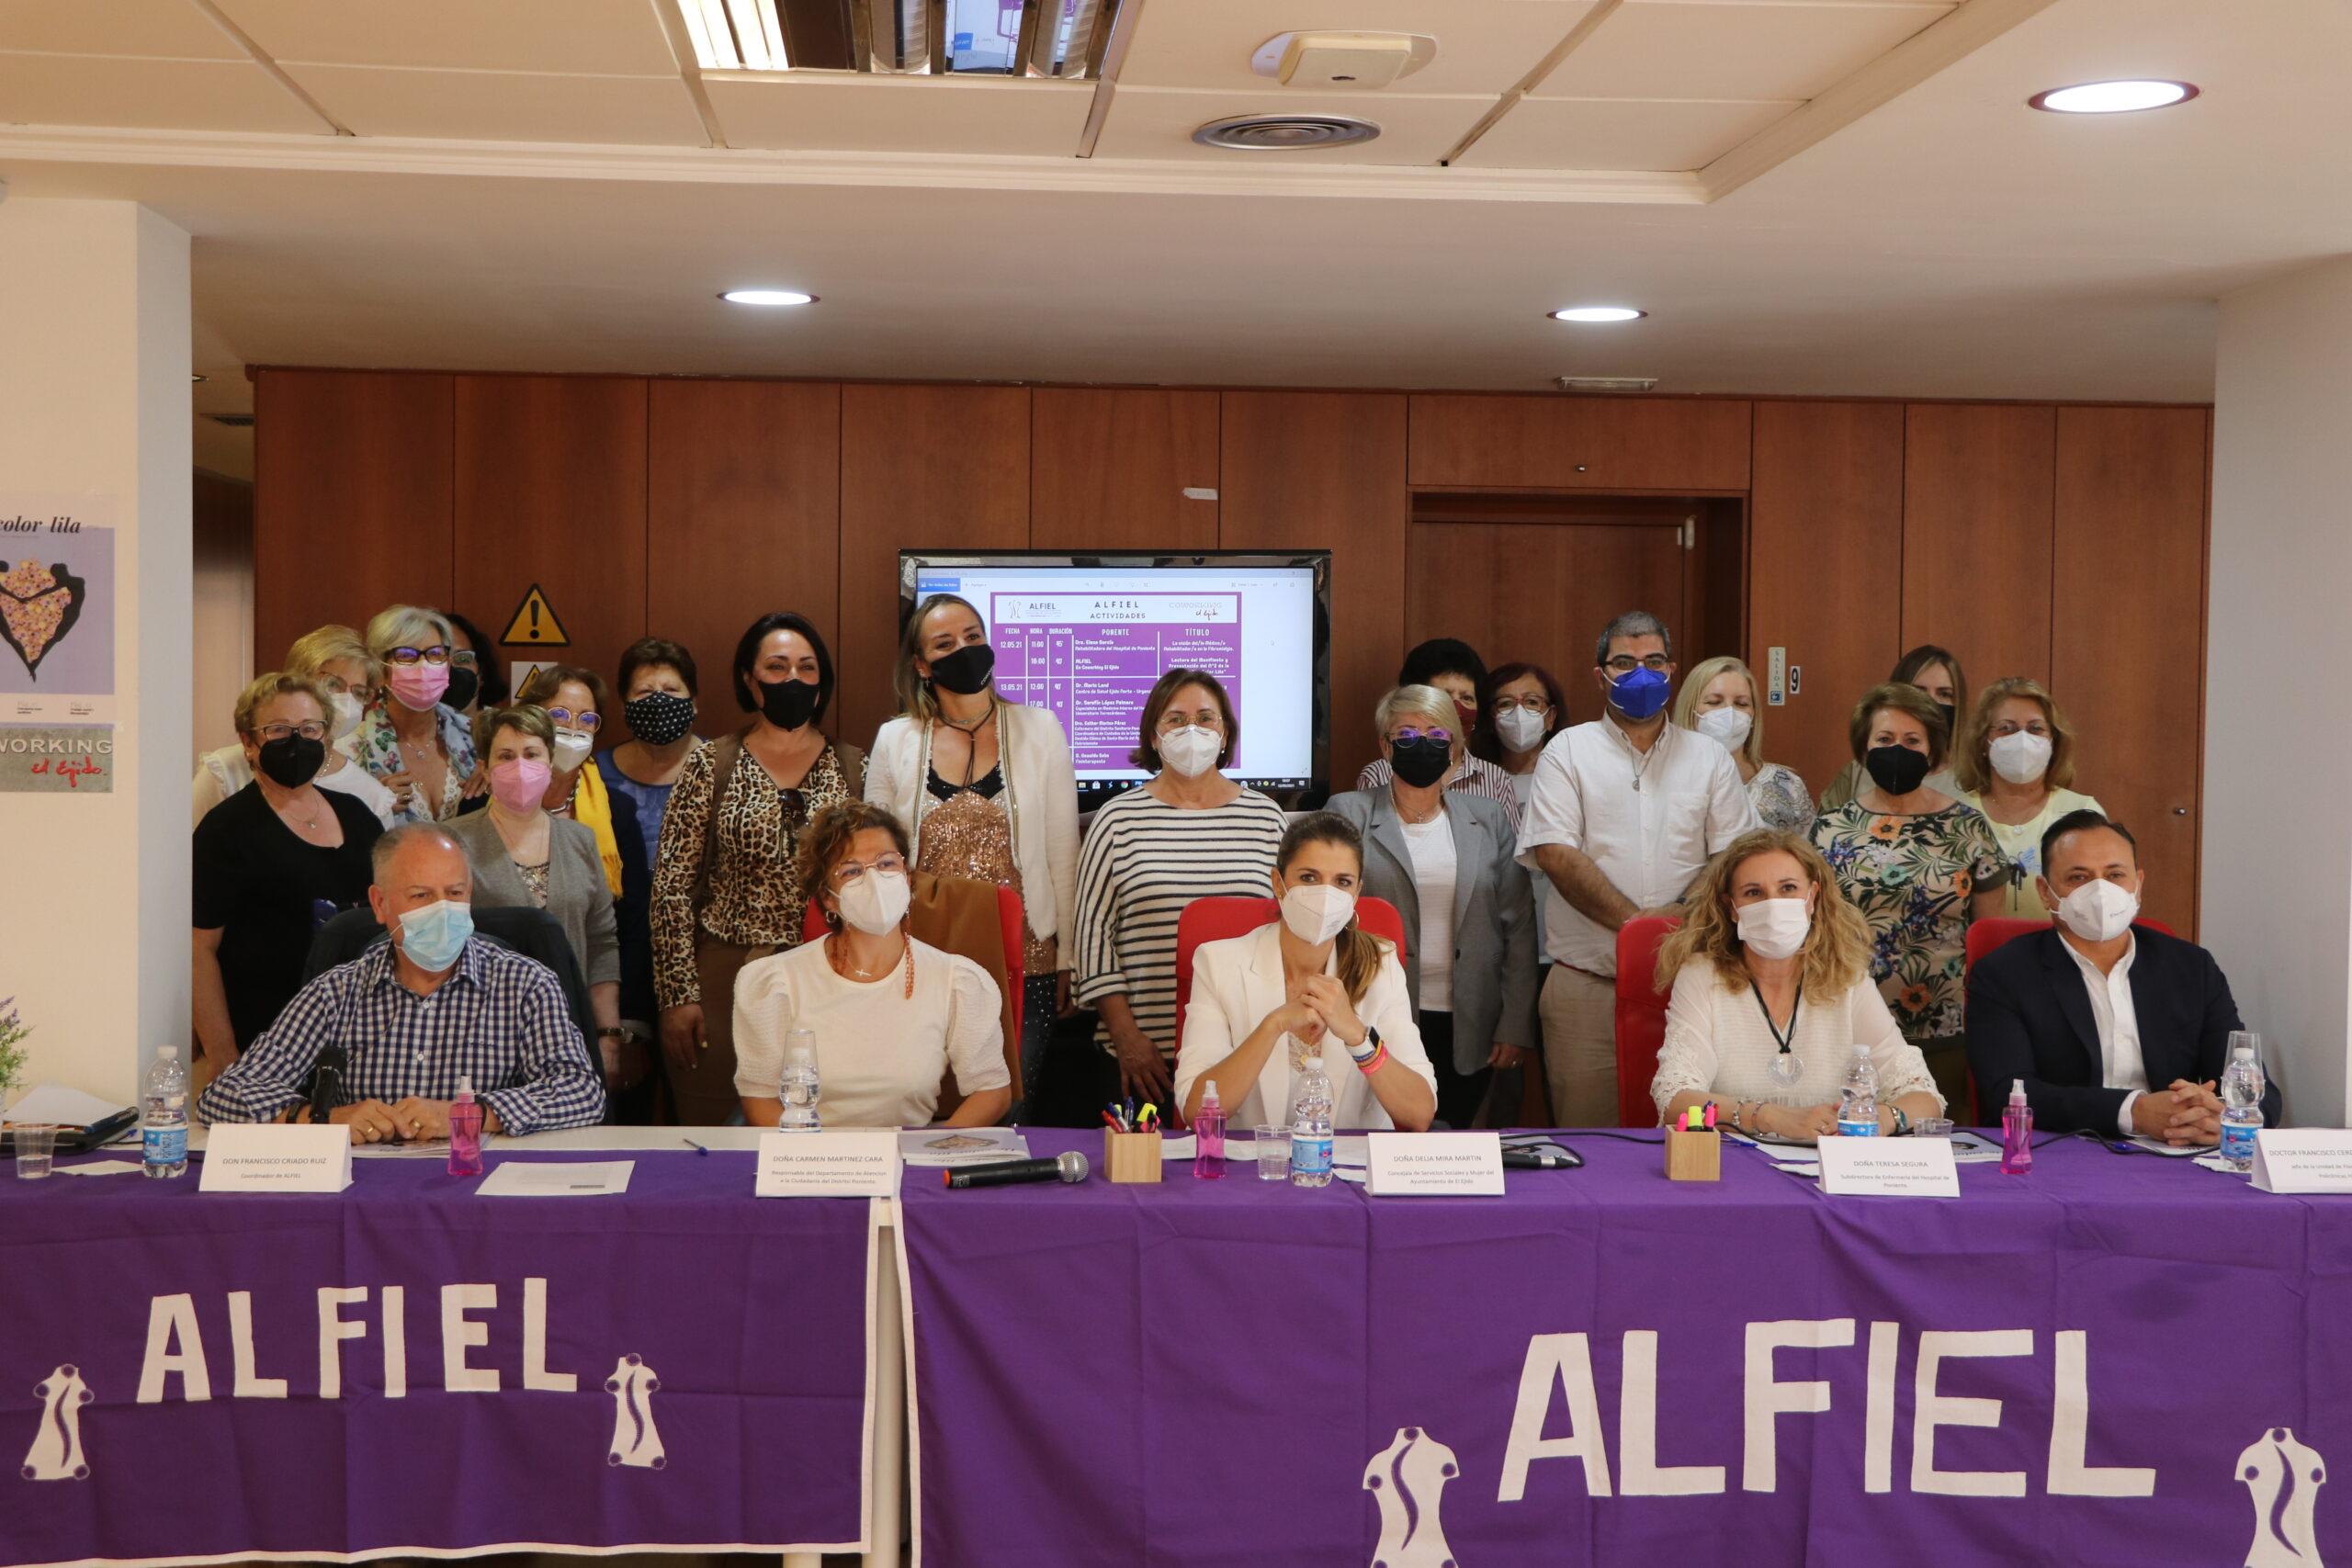 El Ejido celebra el Día Internacional de la Fibromialgia y el Síndrome de Fatiga Crónica con la lectura de un manifiesto, el encendido del Auditorio de color lila y un ciclo de conferencias temáticas a lo largo de esta semana